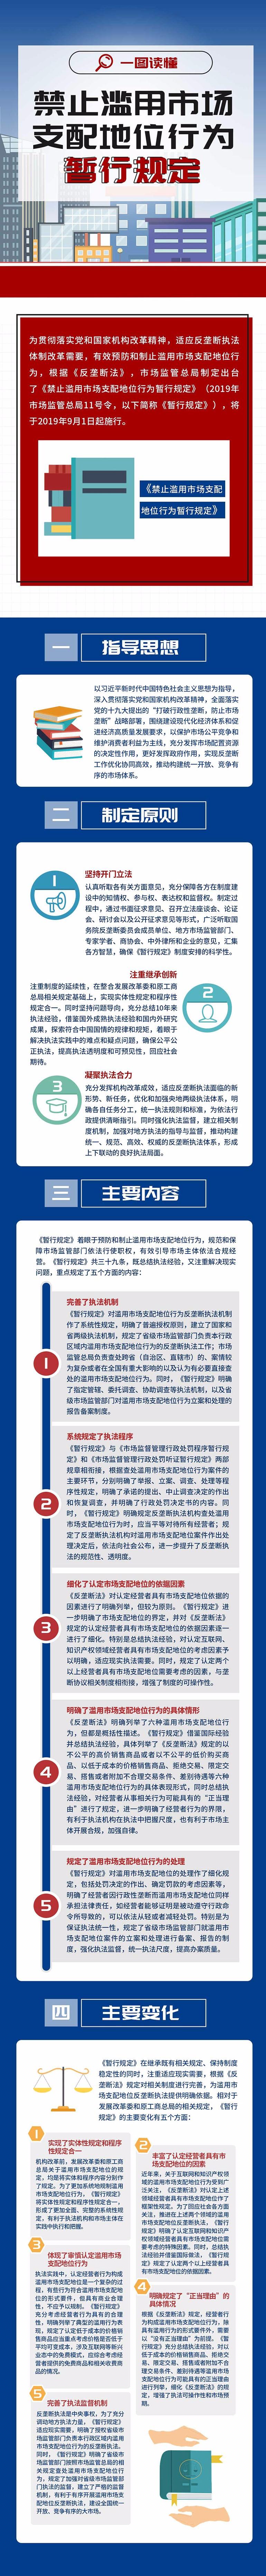 9月1日起,三部《反垄断法》配套规章正式实施